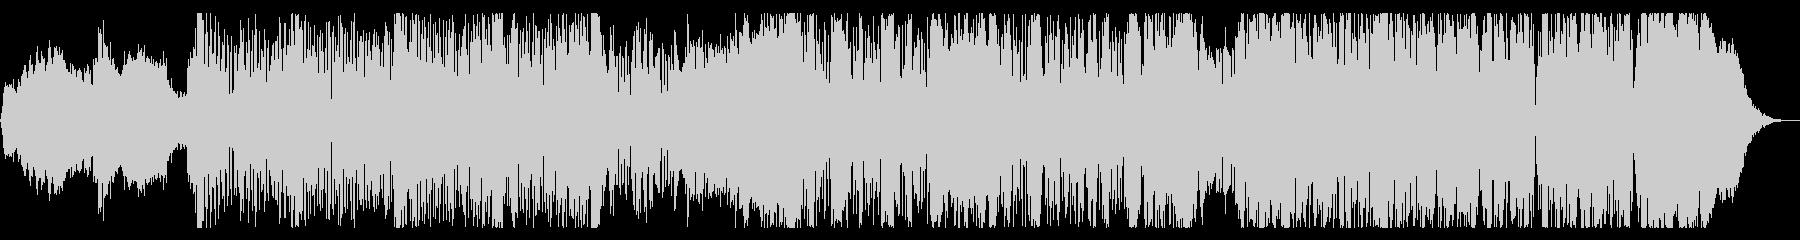 不思議なグリッチIDMの未再生の波形